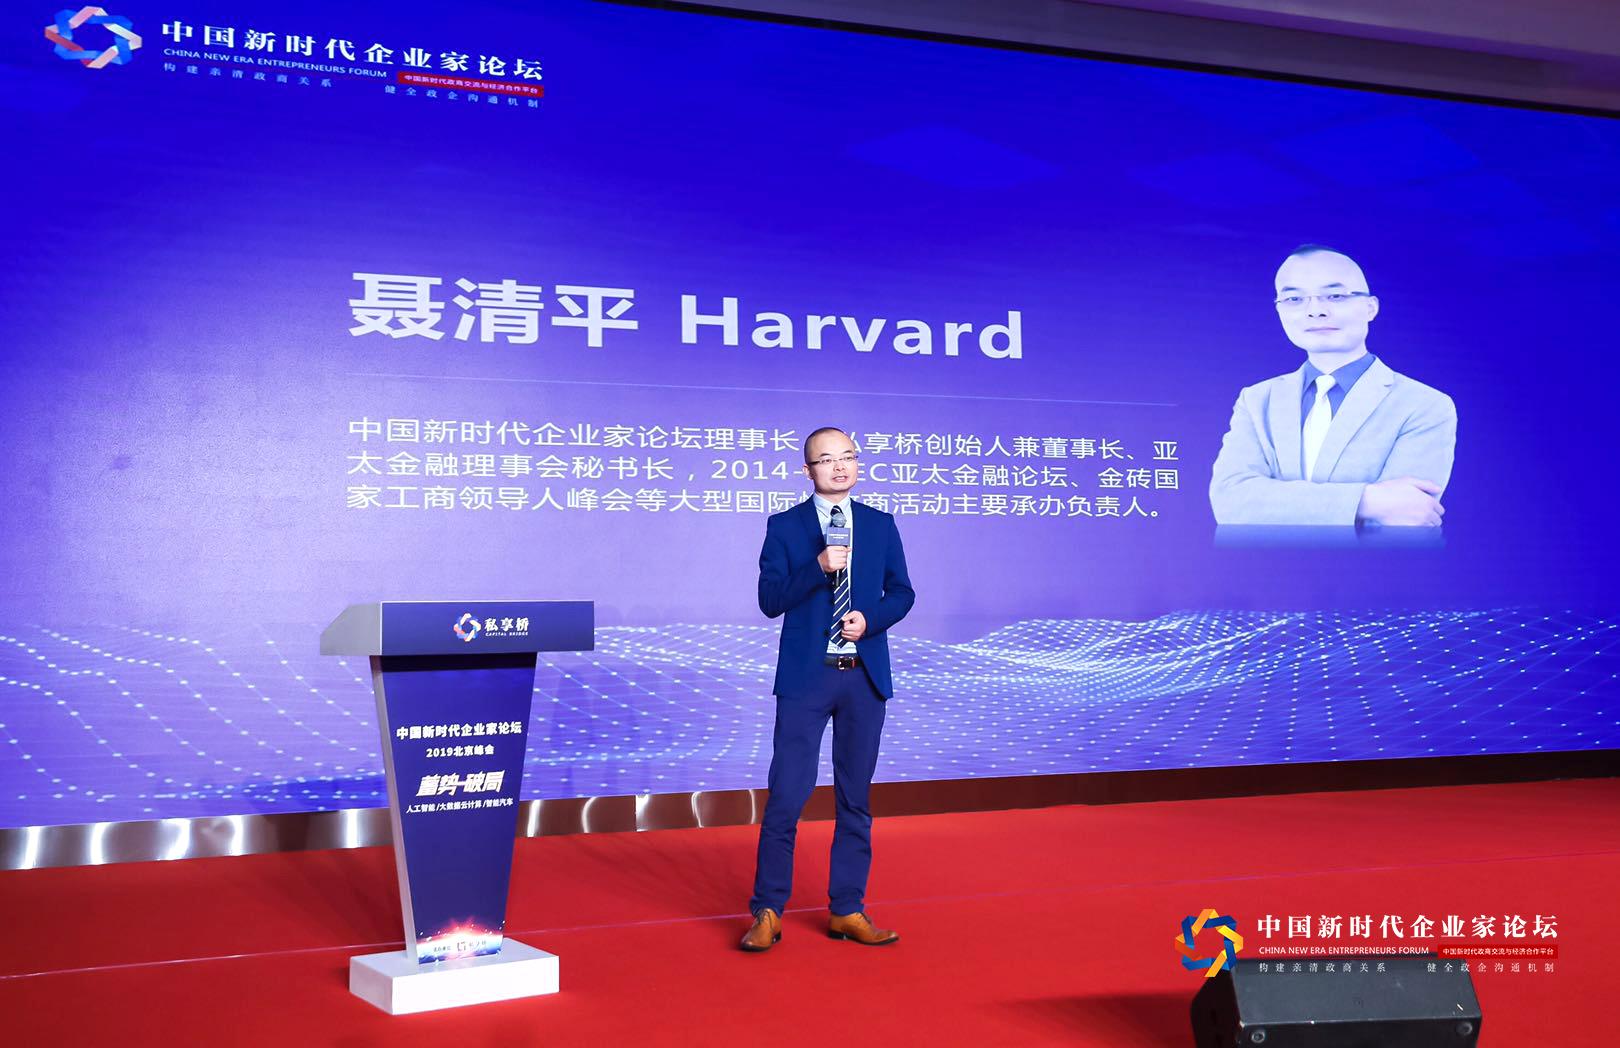 中国新时代企业家论坛理事长、私享桥创始人聂清平作开幕致辞。